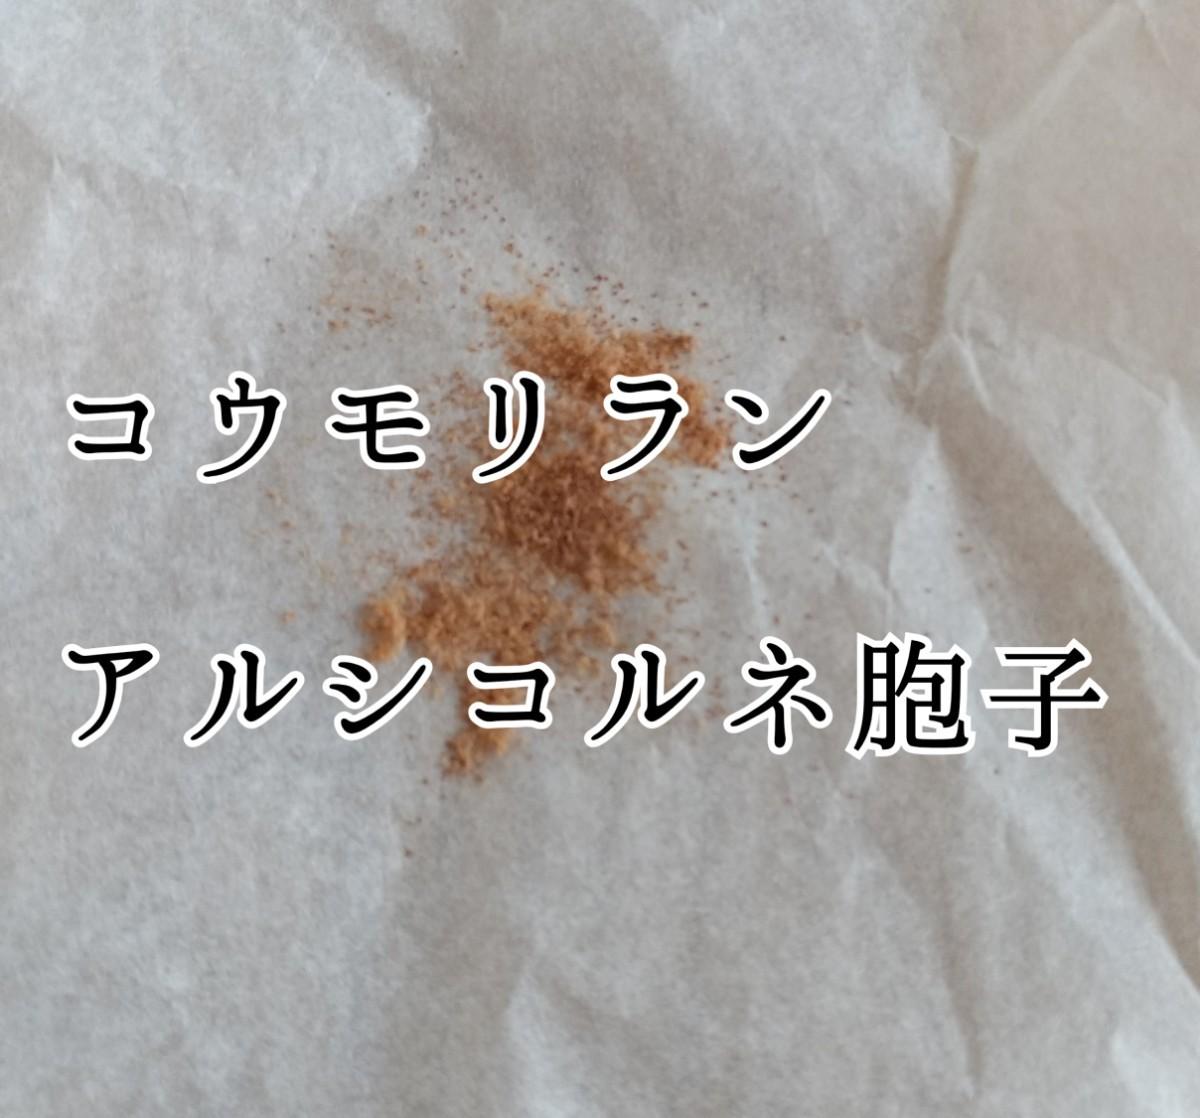 【コウモリラン】プラティセリウム アルシコルネ胞子